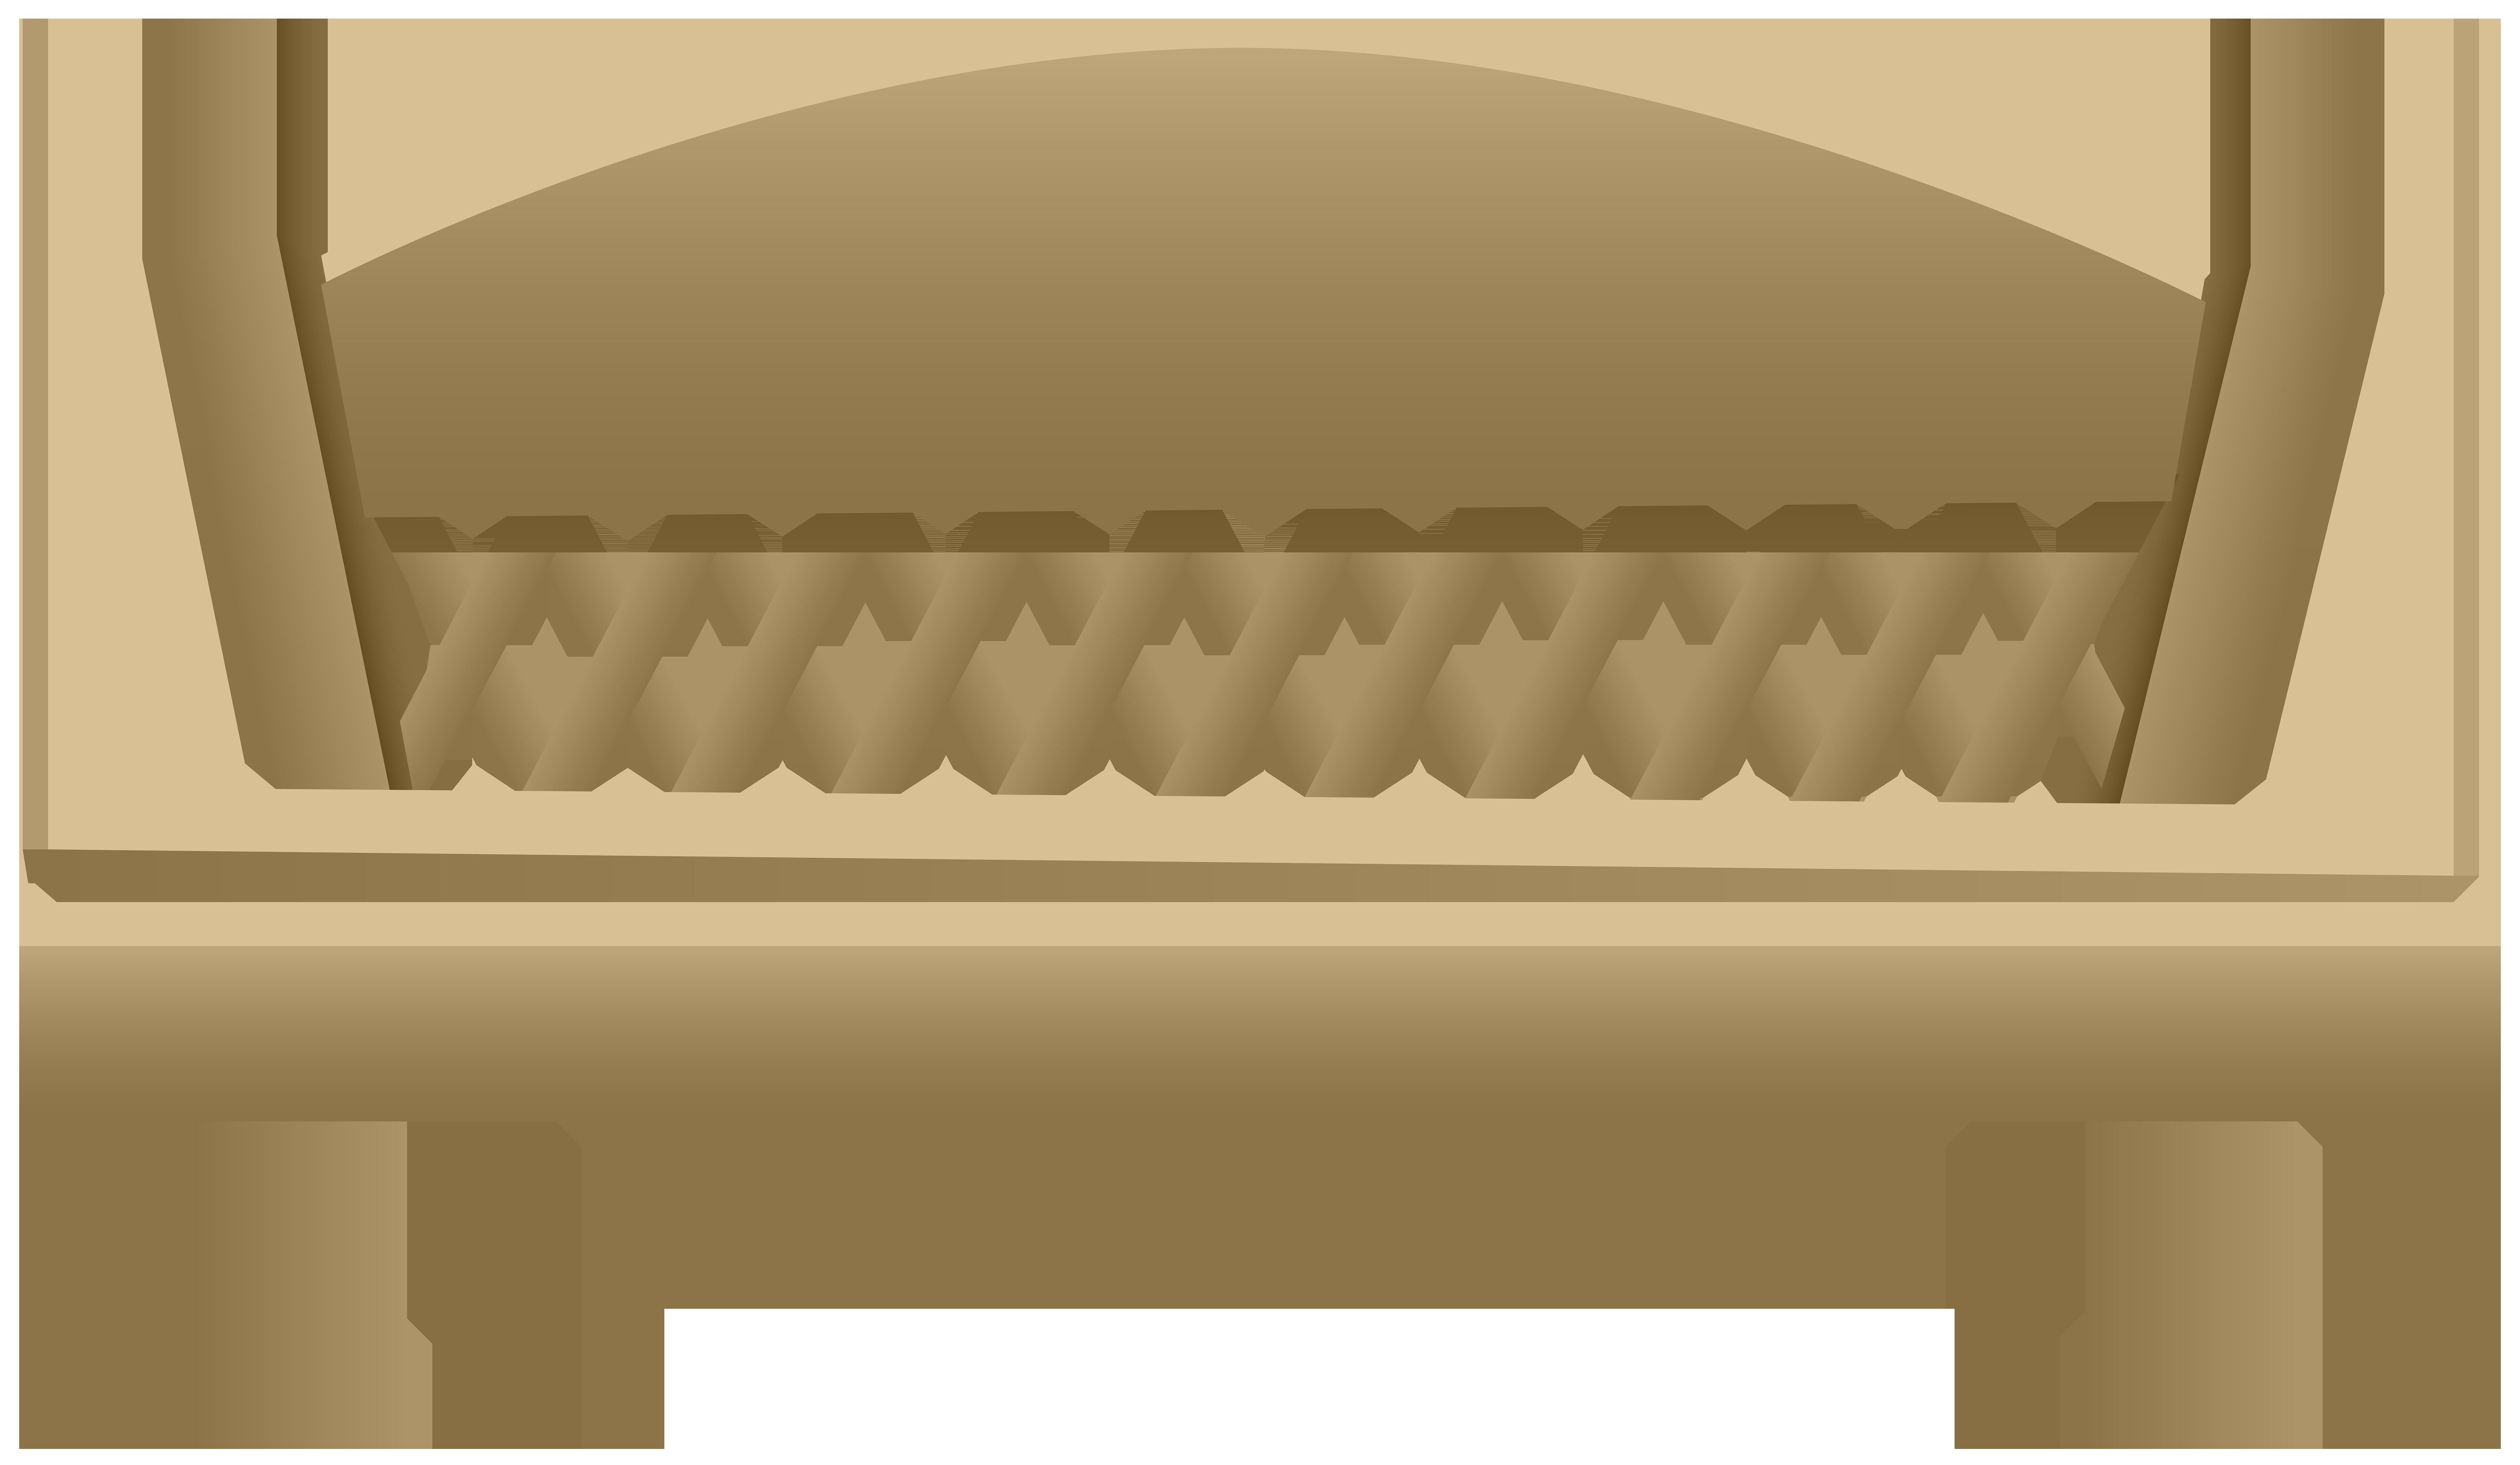 Bench clipart garden bench. Transparent png clip art